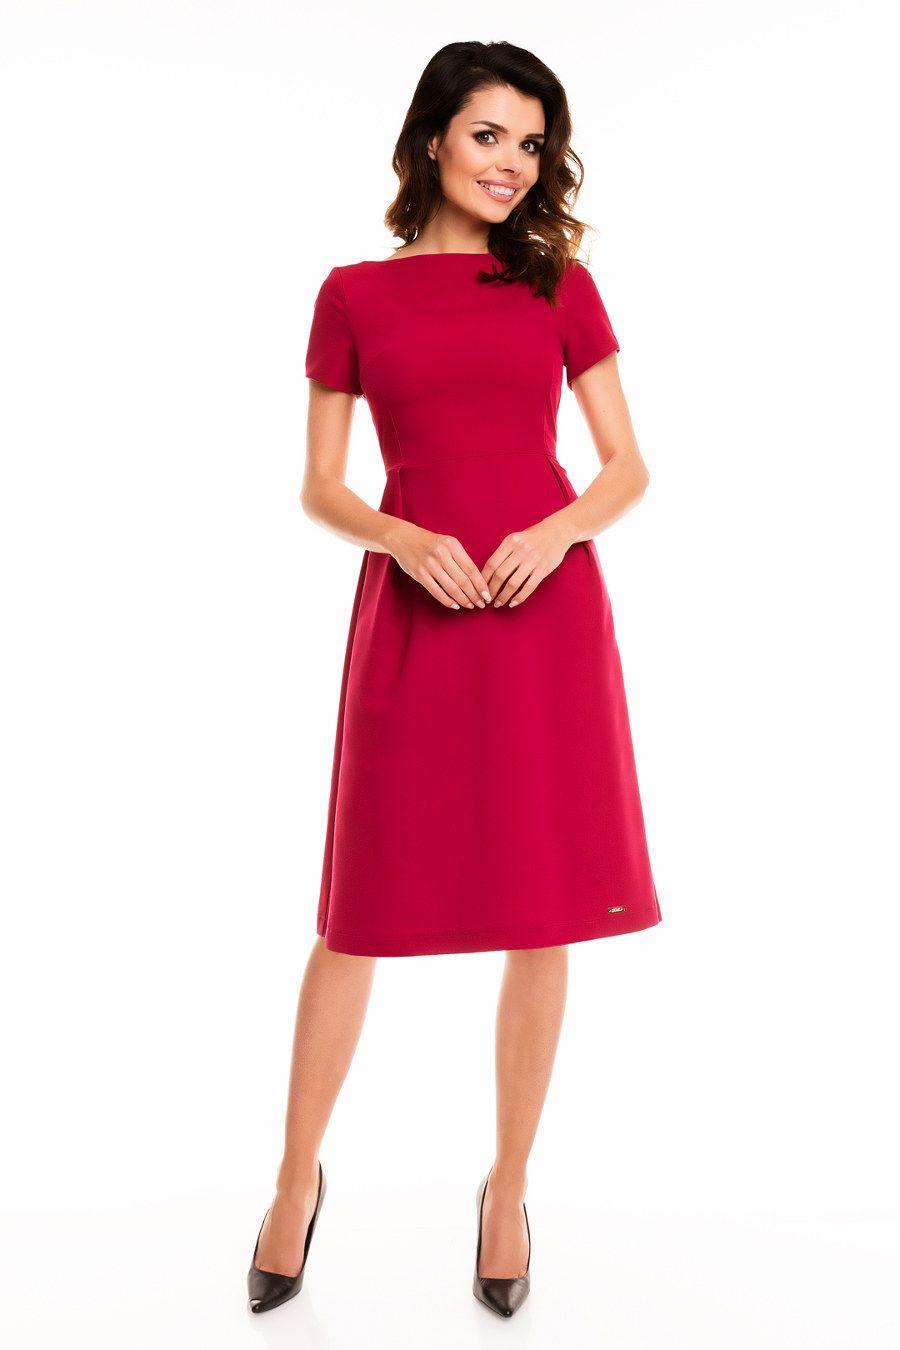 cec0cc0e00 Sukienka Wizytowa Rozkloszowana Bordowa A130